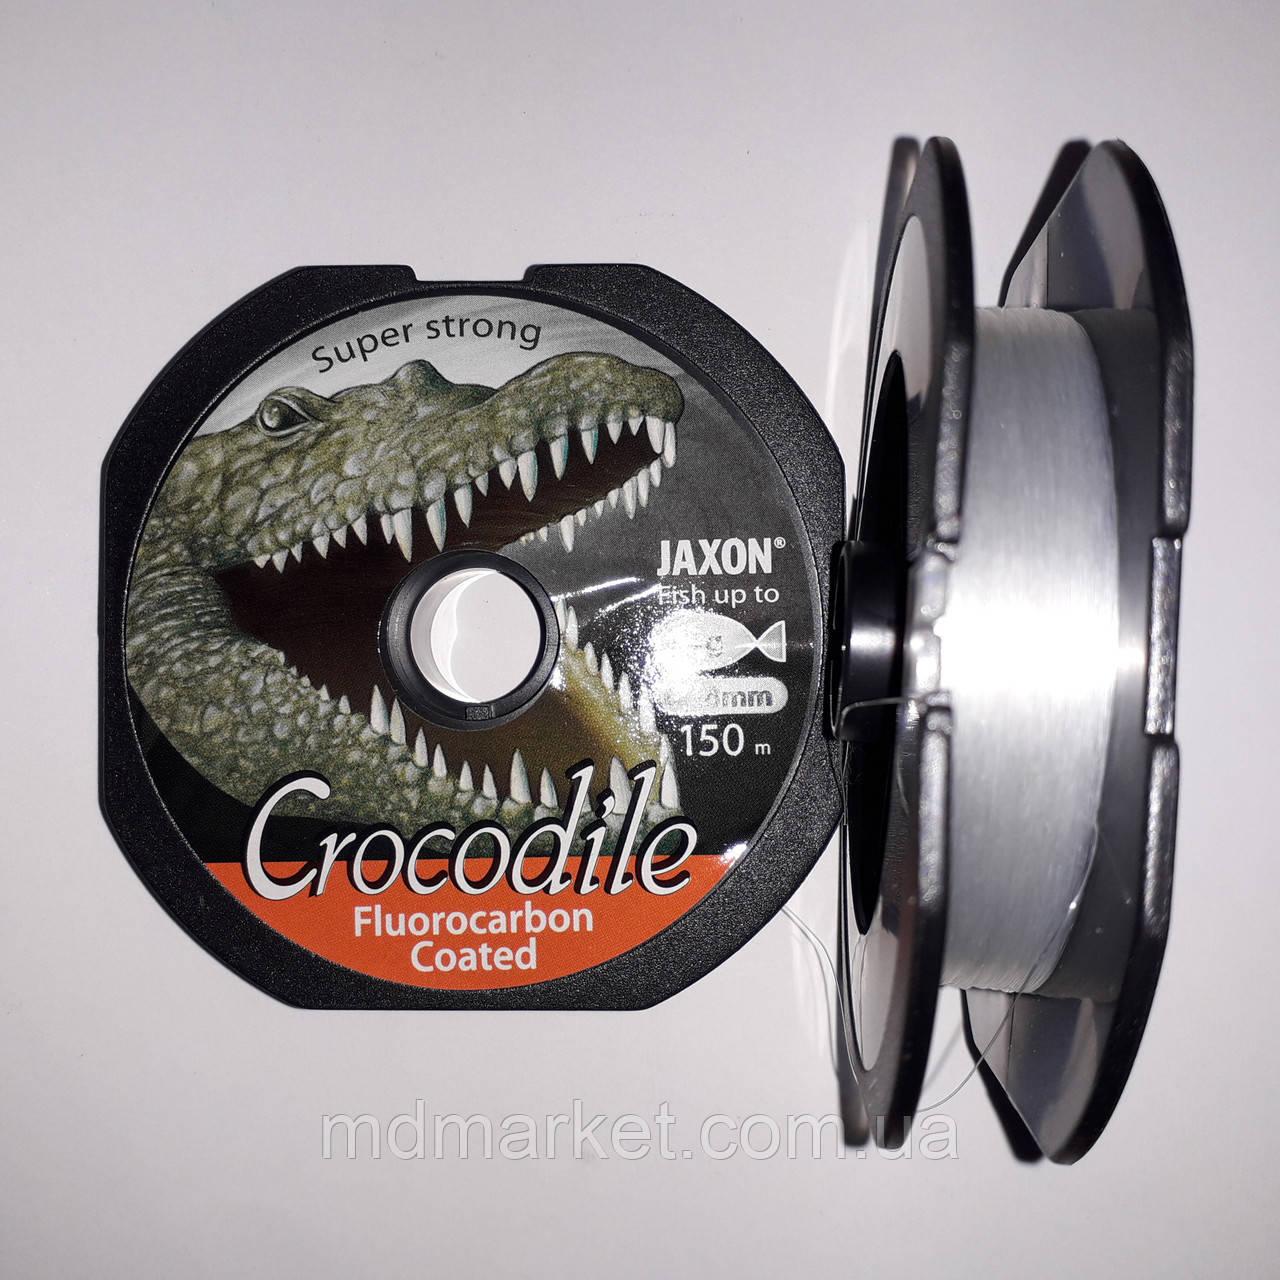 Леска Jaxon Crocodile Fluorocarbon Coated 150m 0.18mm/6kg